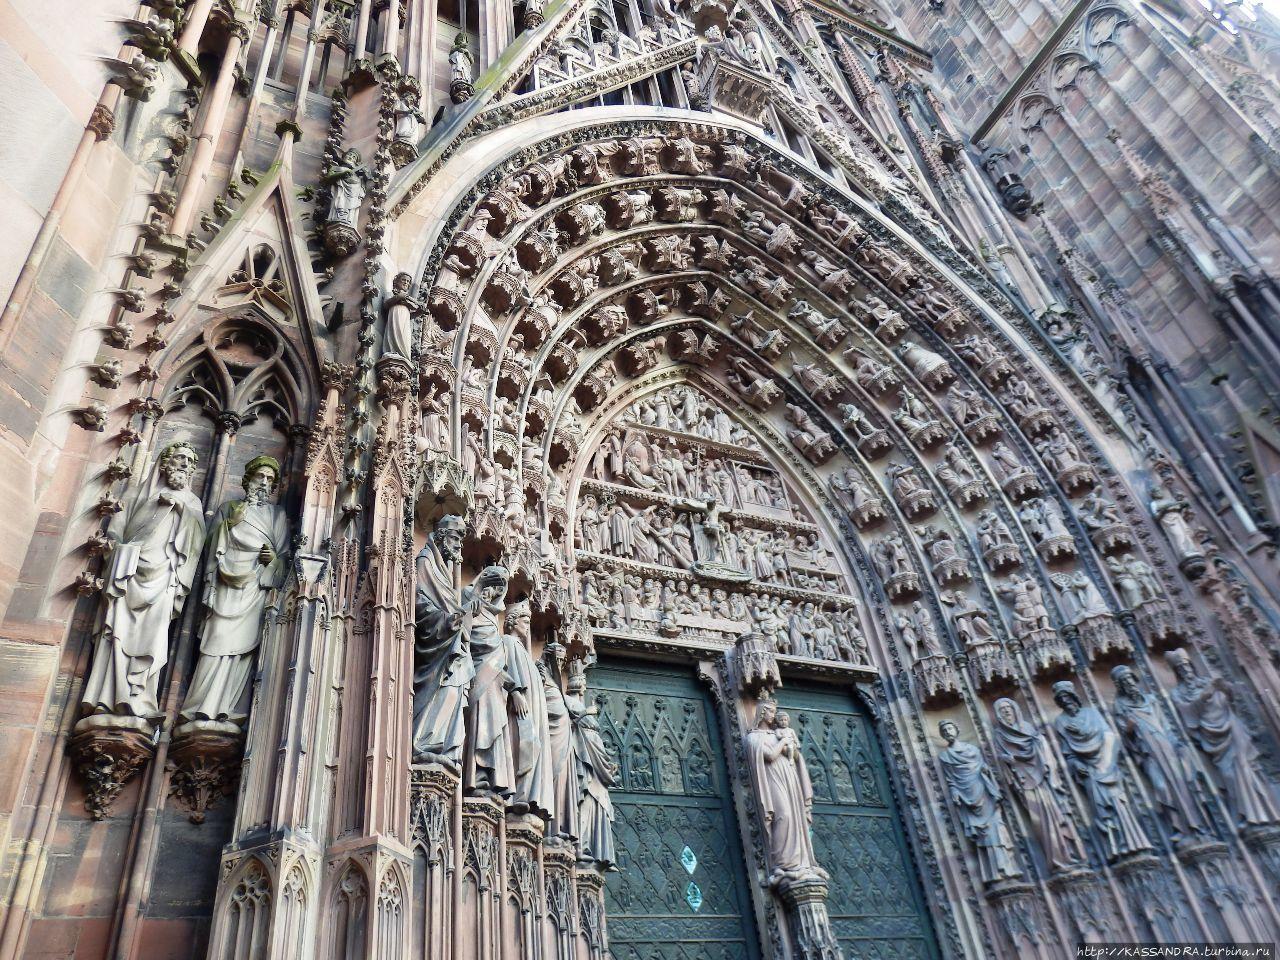 Сладкая парочка у стен  Страсбургского собора Страсбург, Франция